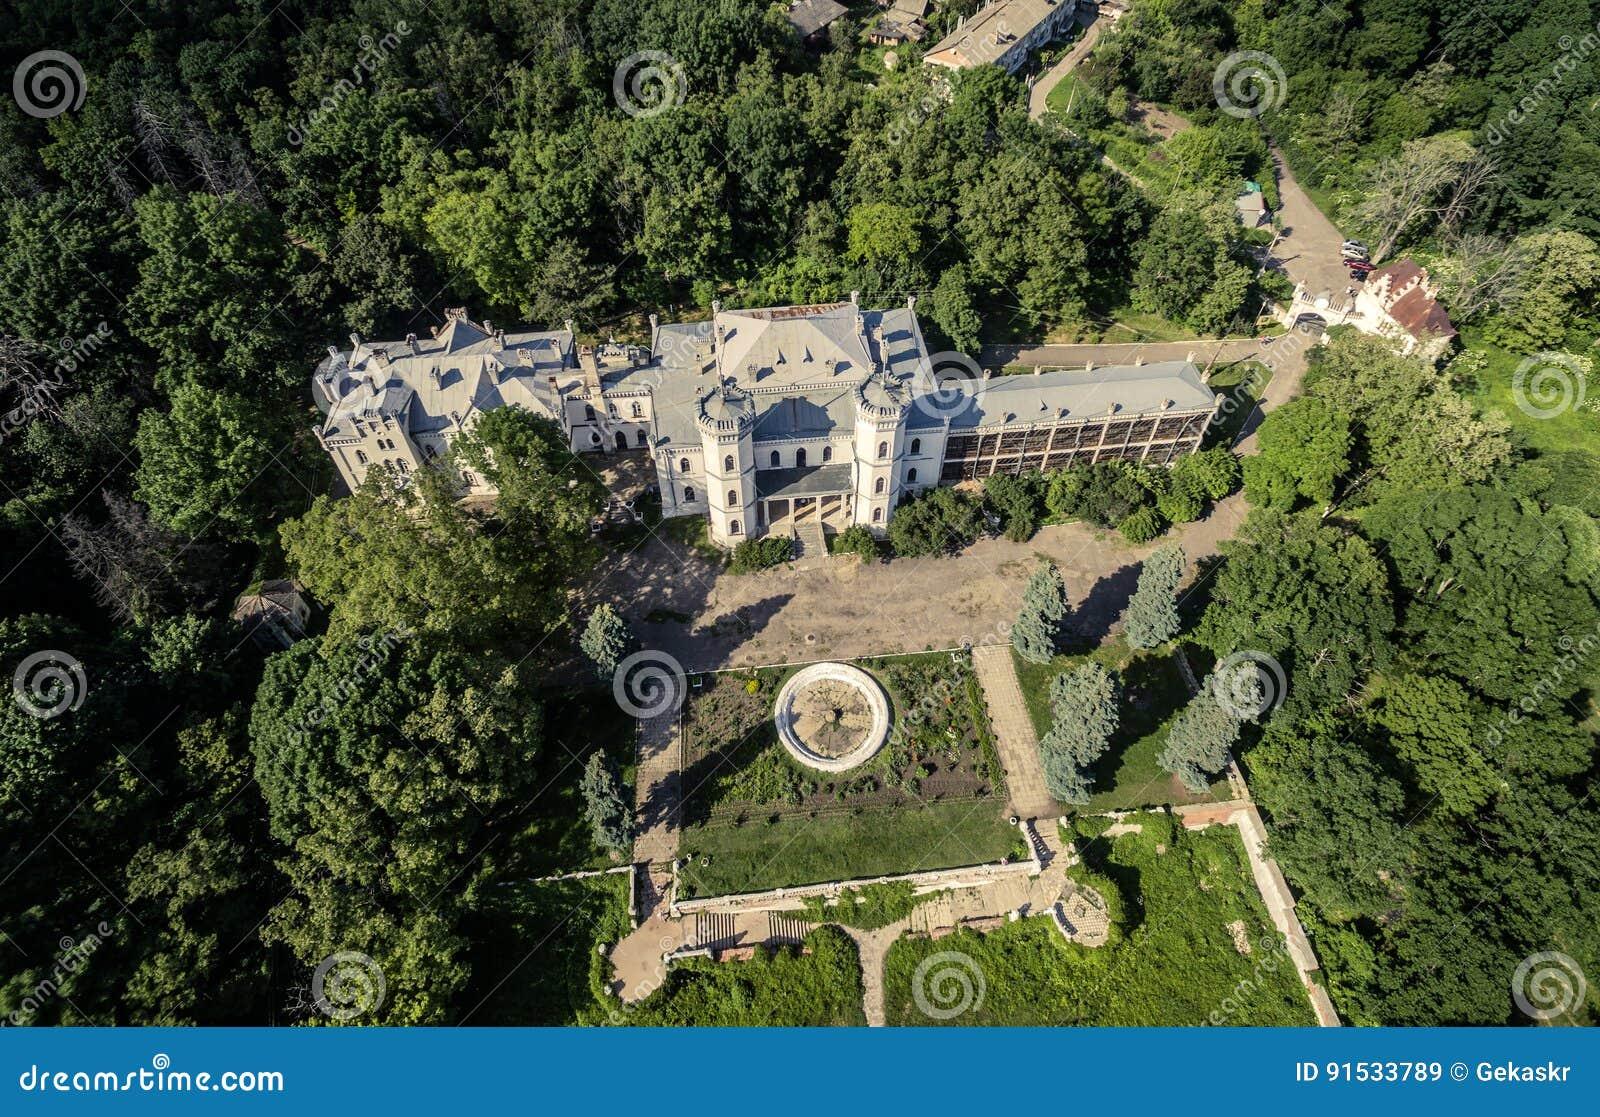 Όμορφη άποψη σχετικά με το άσπρα παλάτι και το ναυπηγείο του Κύκνου στο πάρκο Sharivka, περιοχή Kharkiv